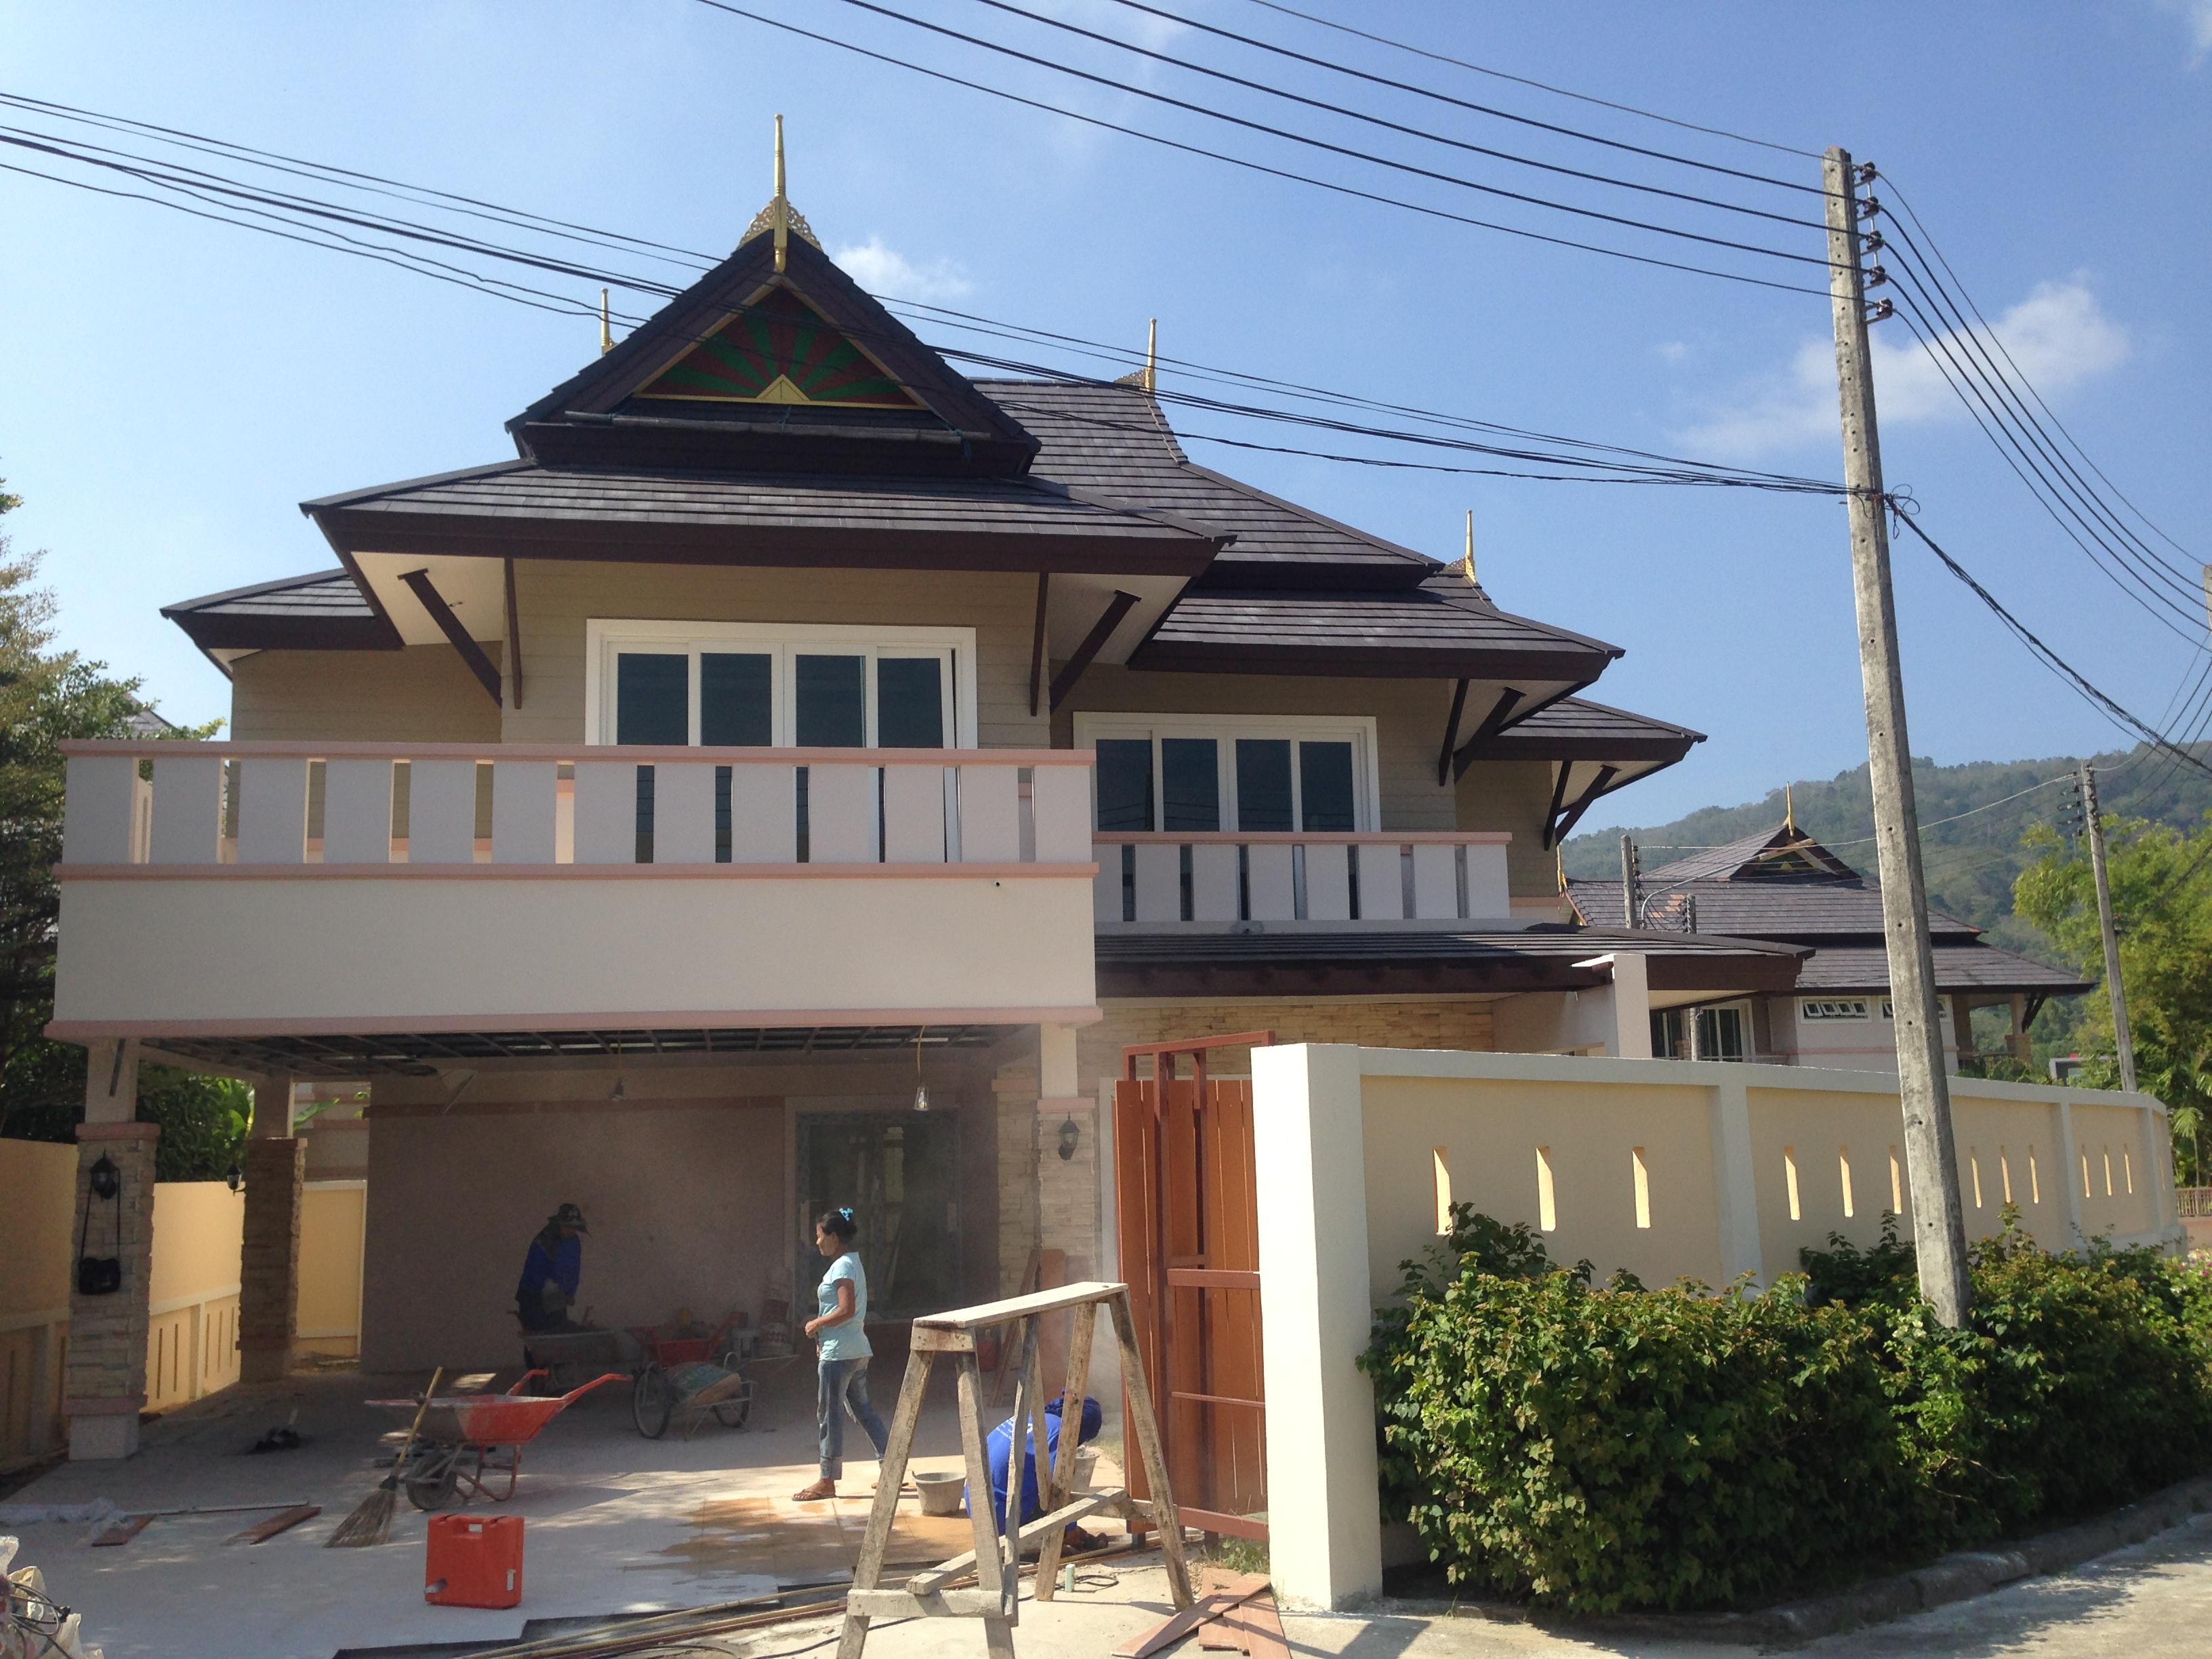 строительство и продажа домов в районе Чалонг